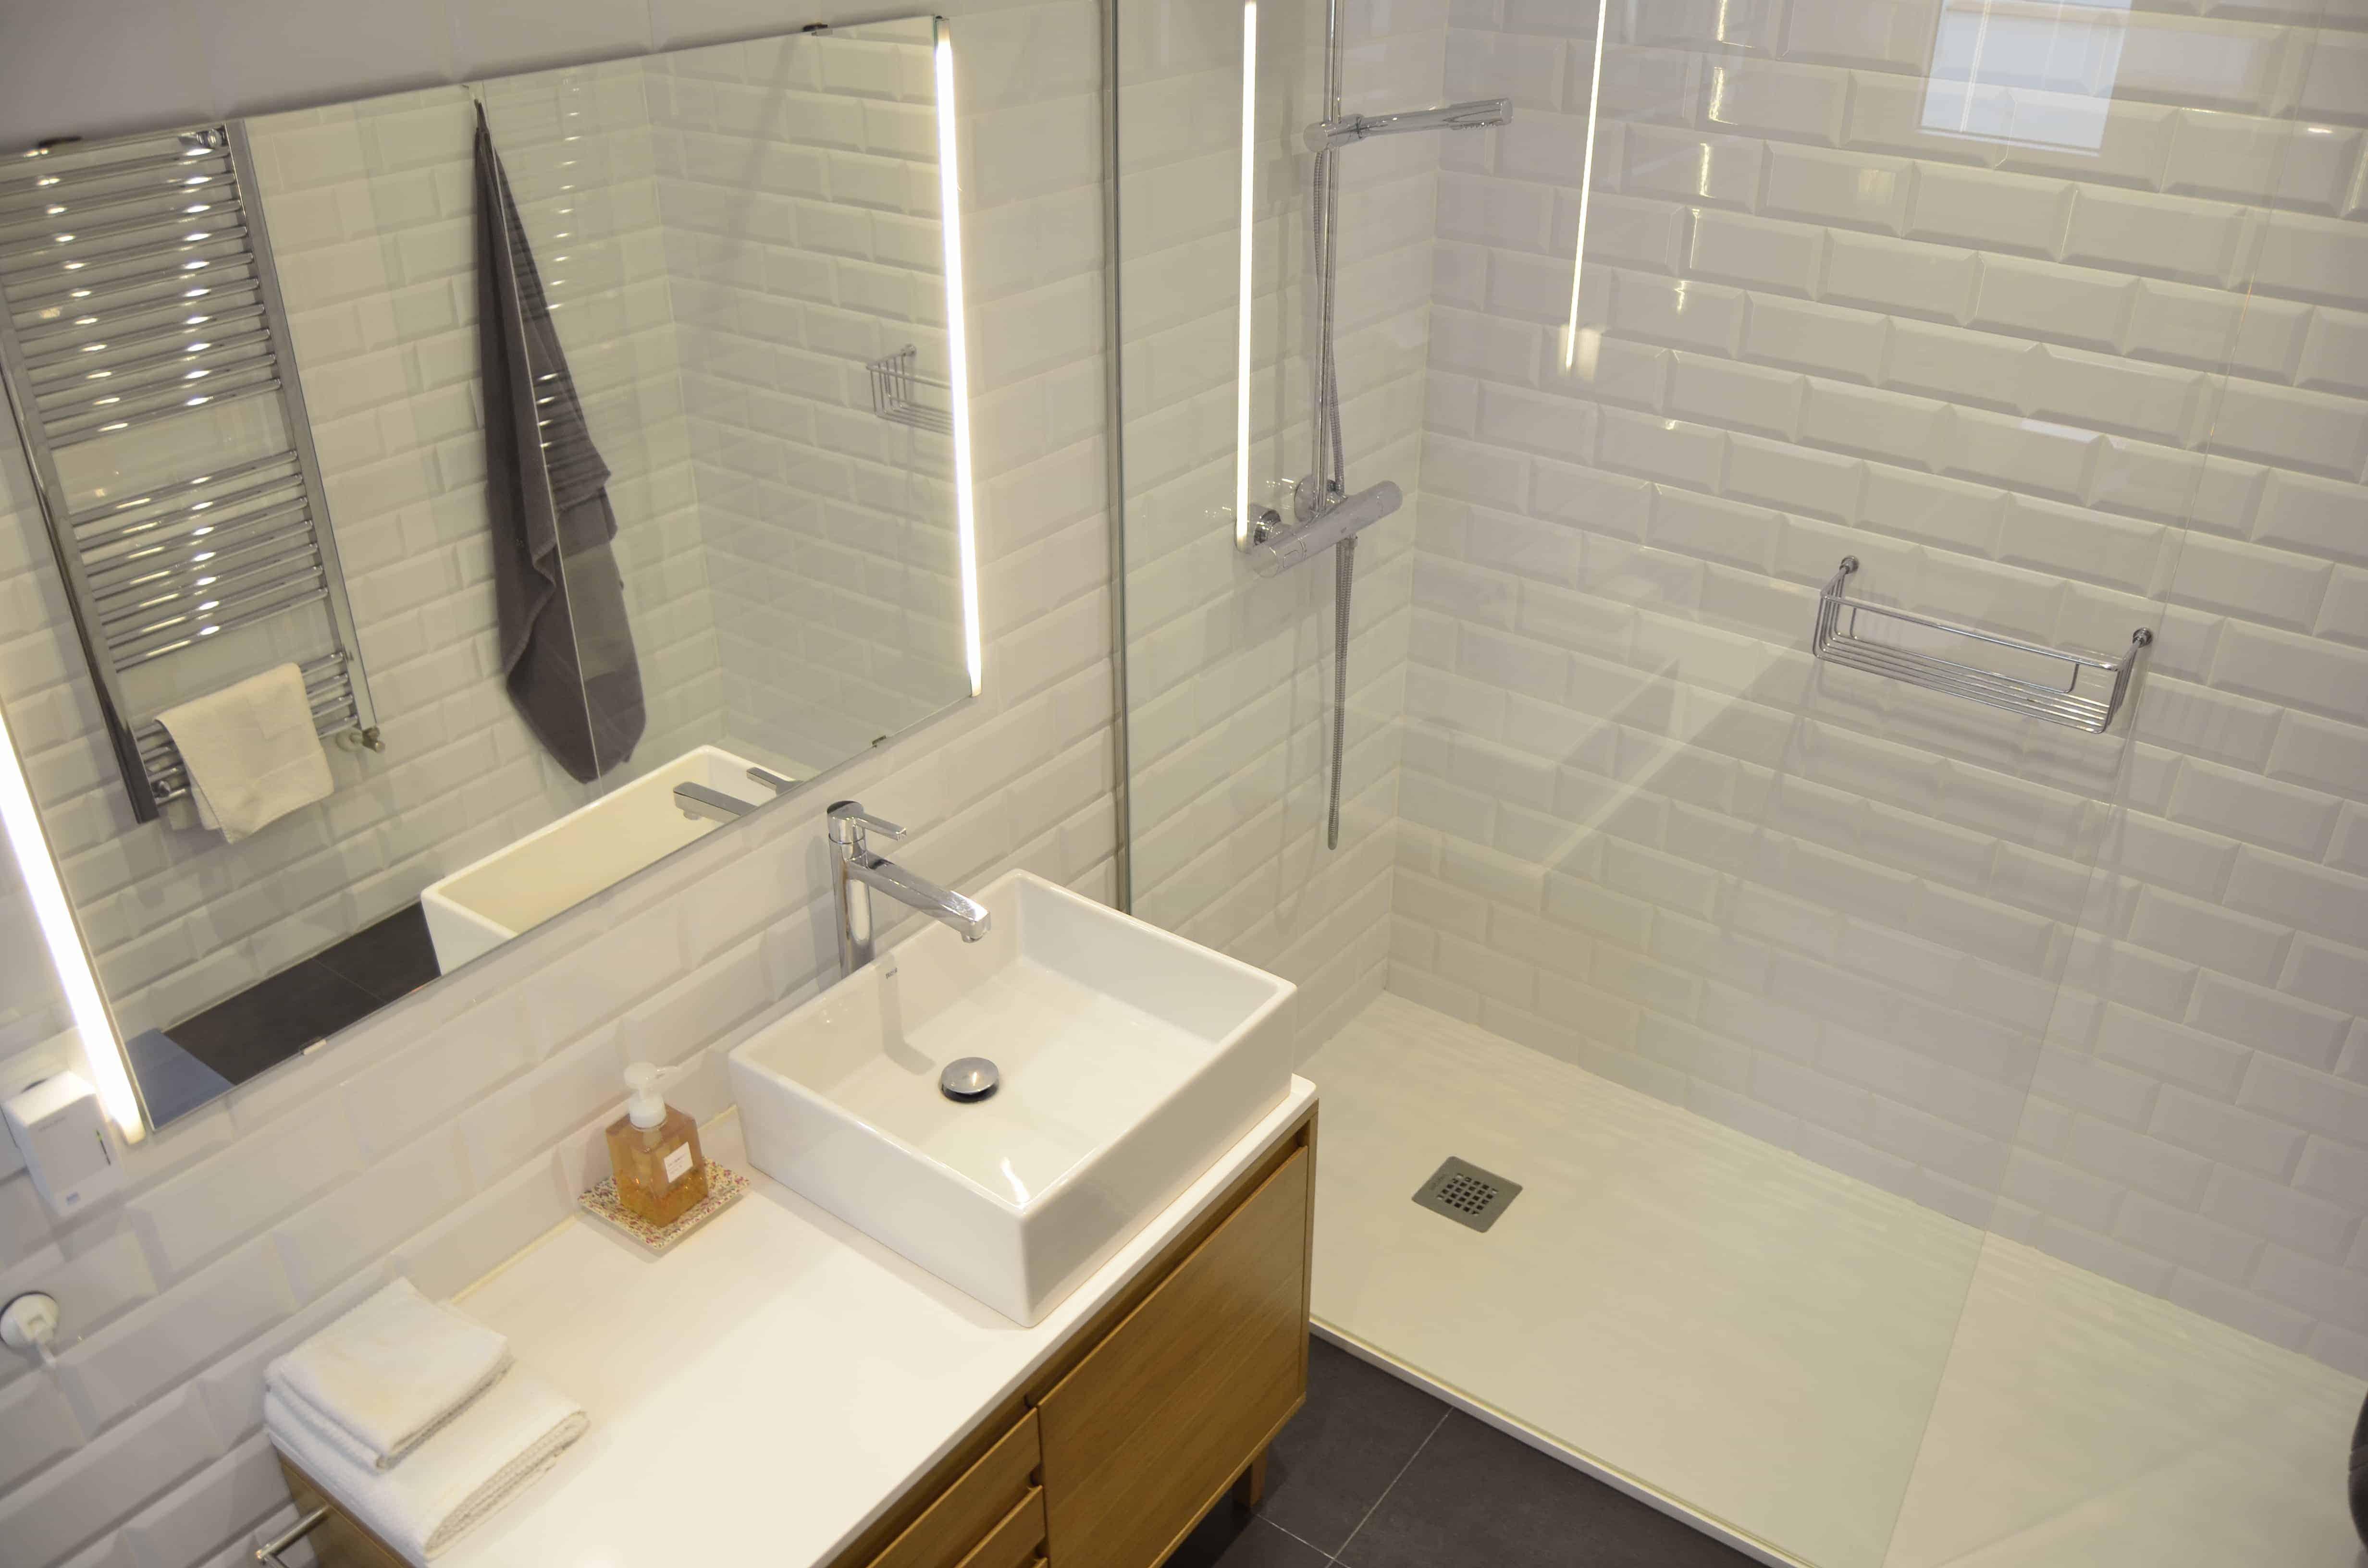 baño nuevo en blanco con suelo gris